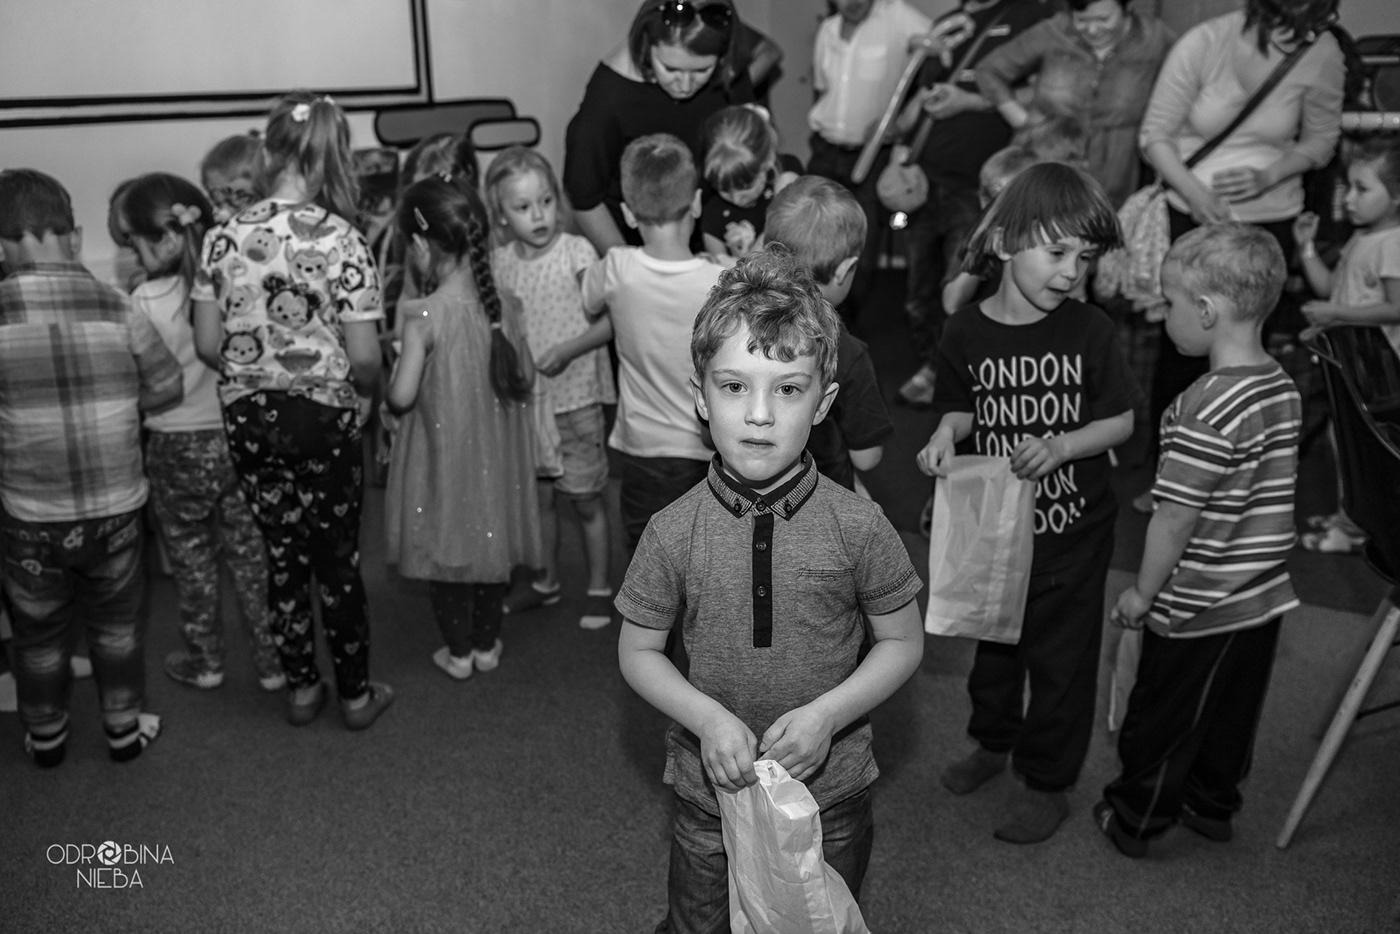 urodziny urodziny dziecka FOTOGRAFIA okolicznościowa fotografia okolicznościowa Warszawa urodziny dziecka Warszawa Kids Birthday Photography kids birthday photo children photography birthday photo shoot Kids Birthday Party